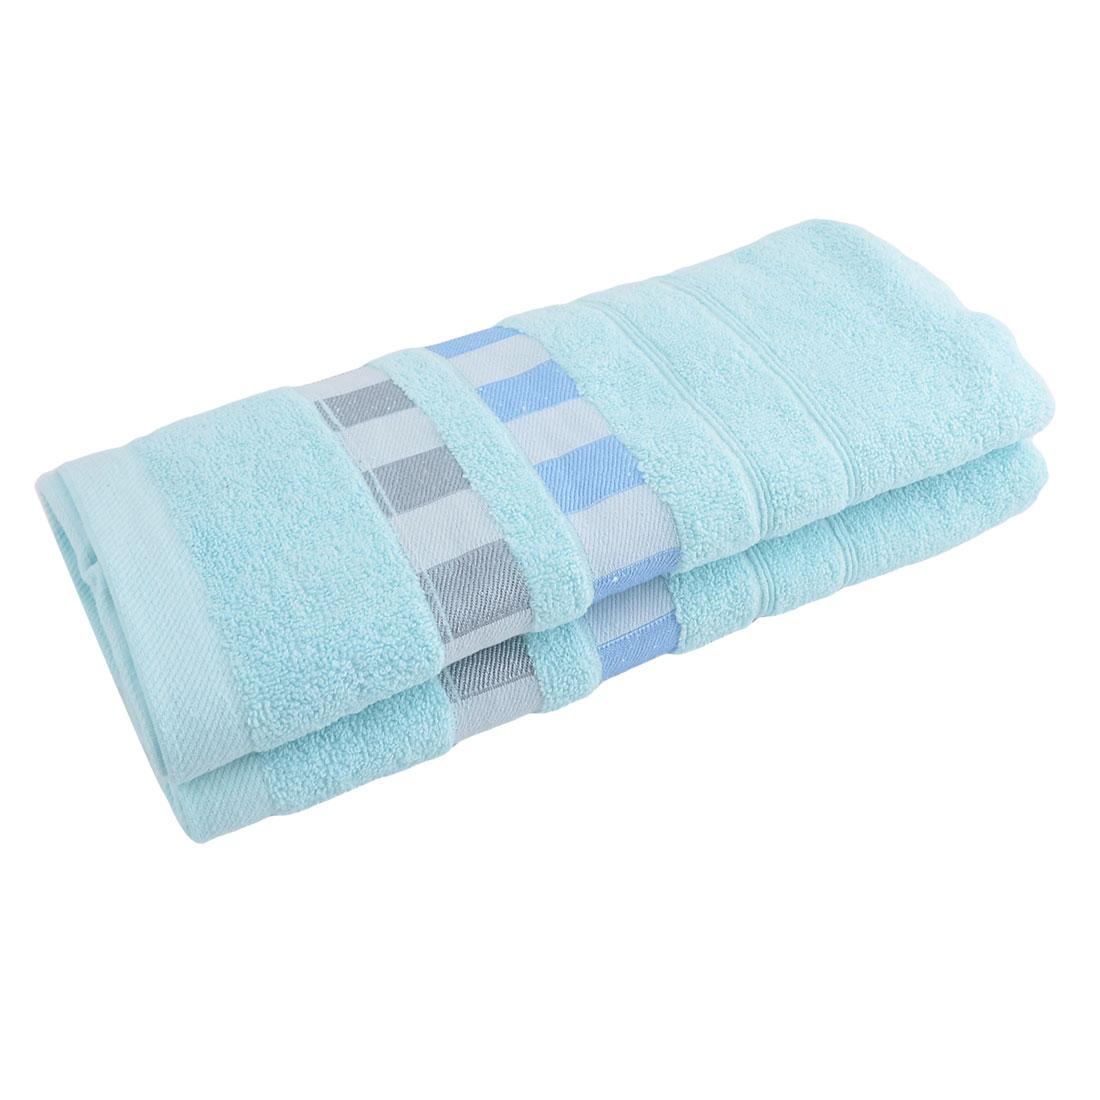 KUTTO Authorized Home Hotel Cotton Blends Dry Bath Towel Sky Blue 140 x 70cm - image 4 de 4